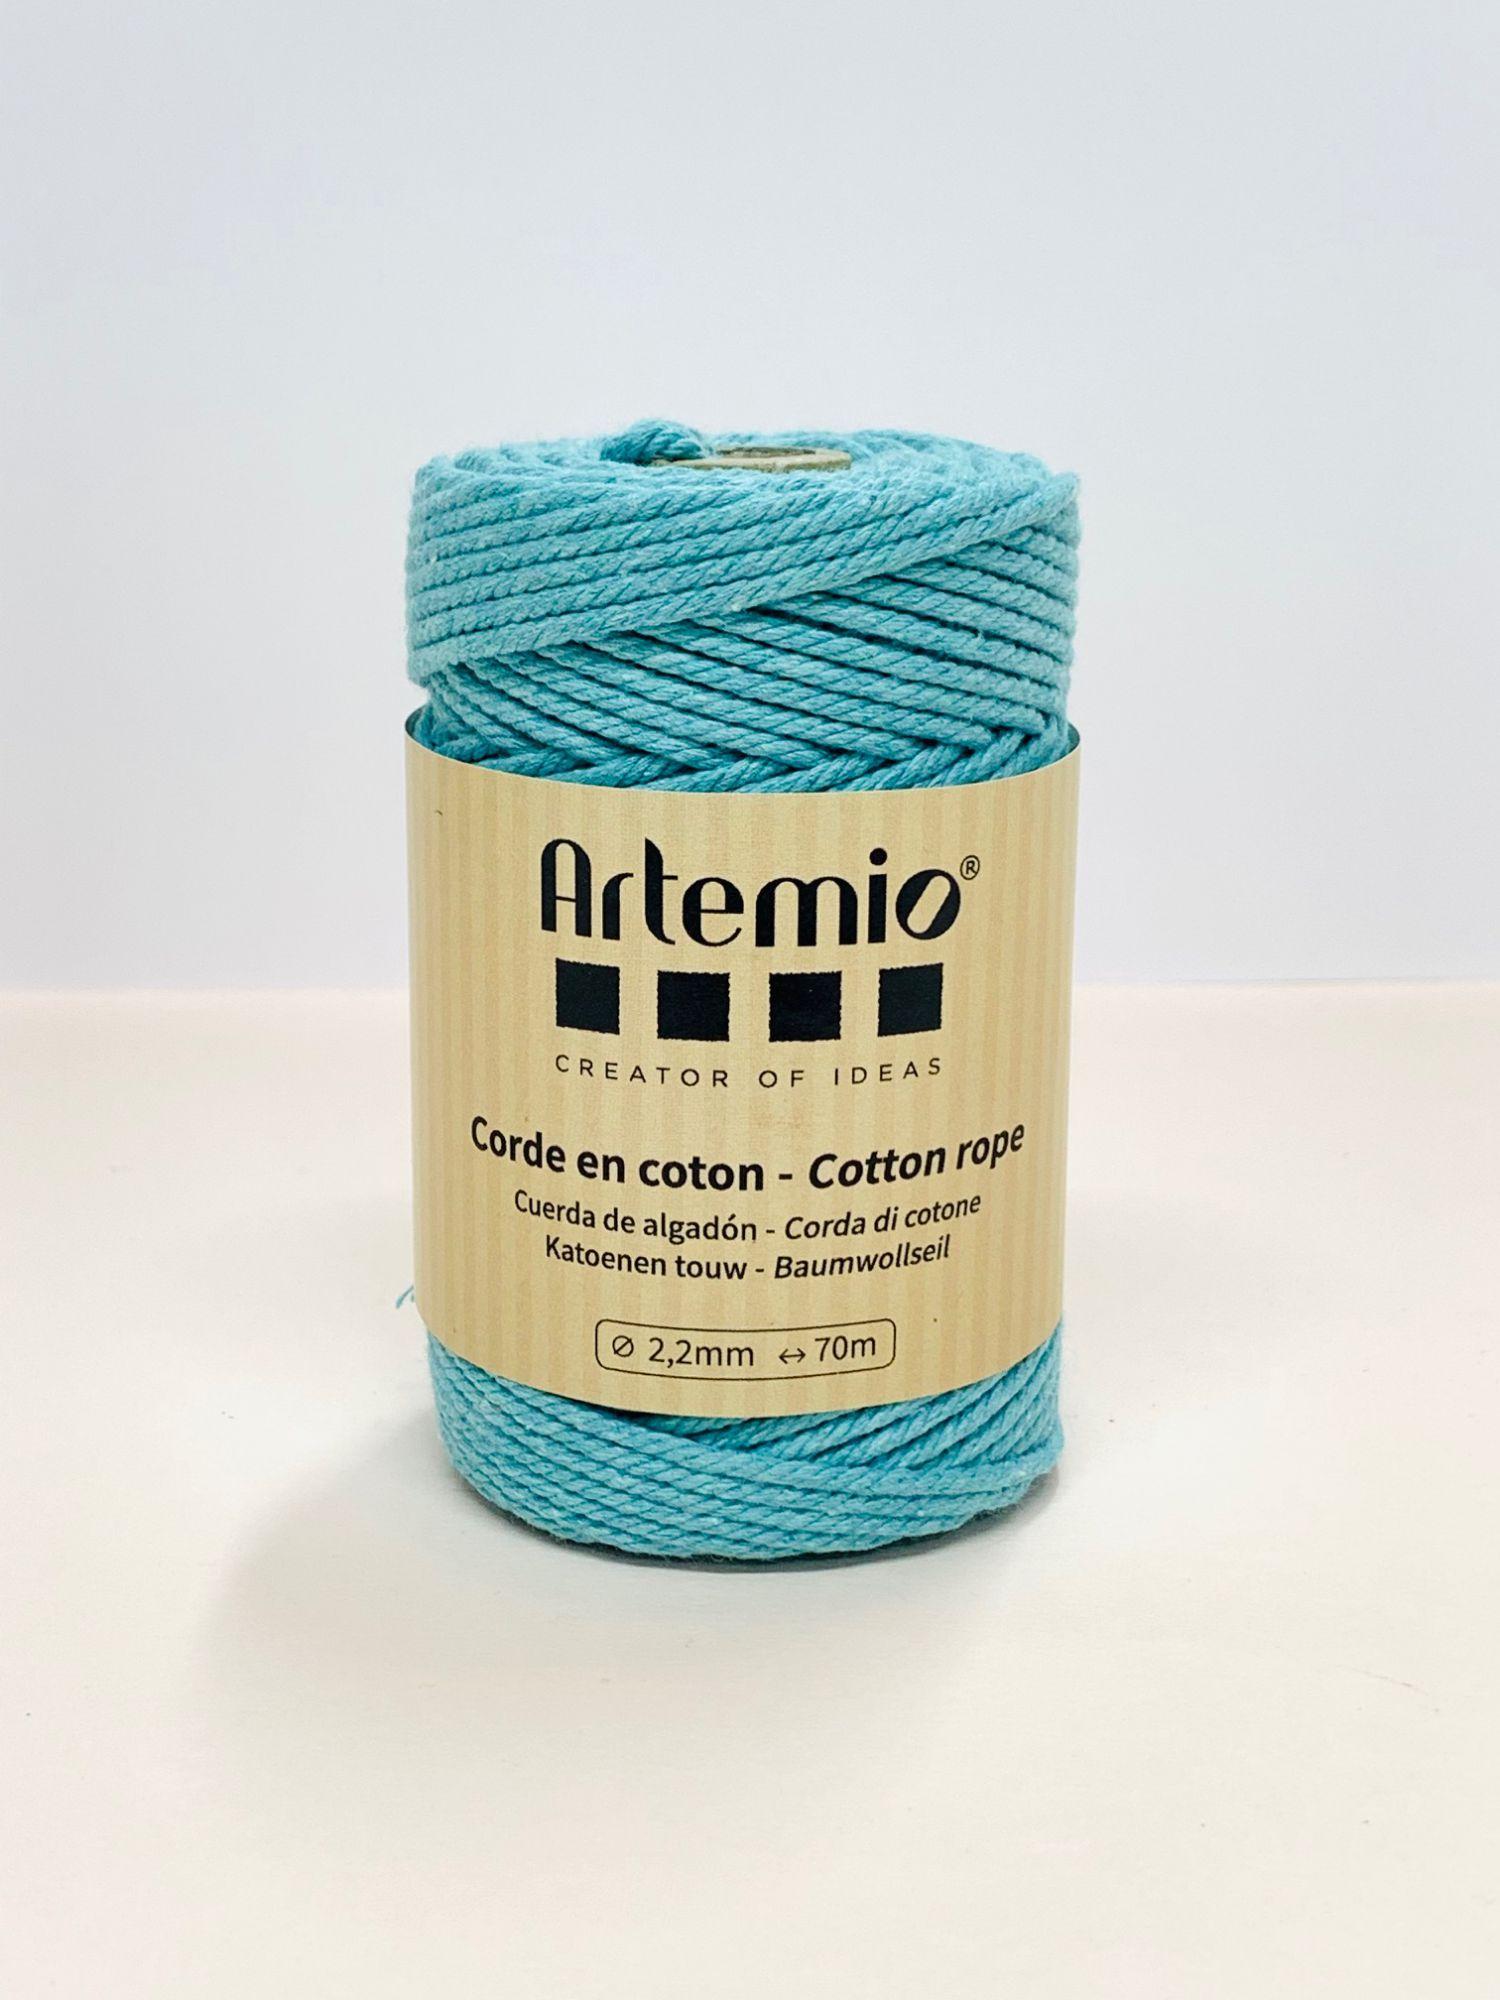 Corde en coton macramé Bleu clair diam:2,2mm Artémio